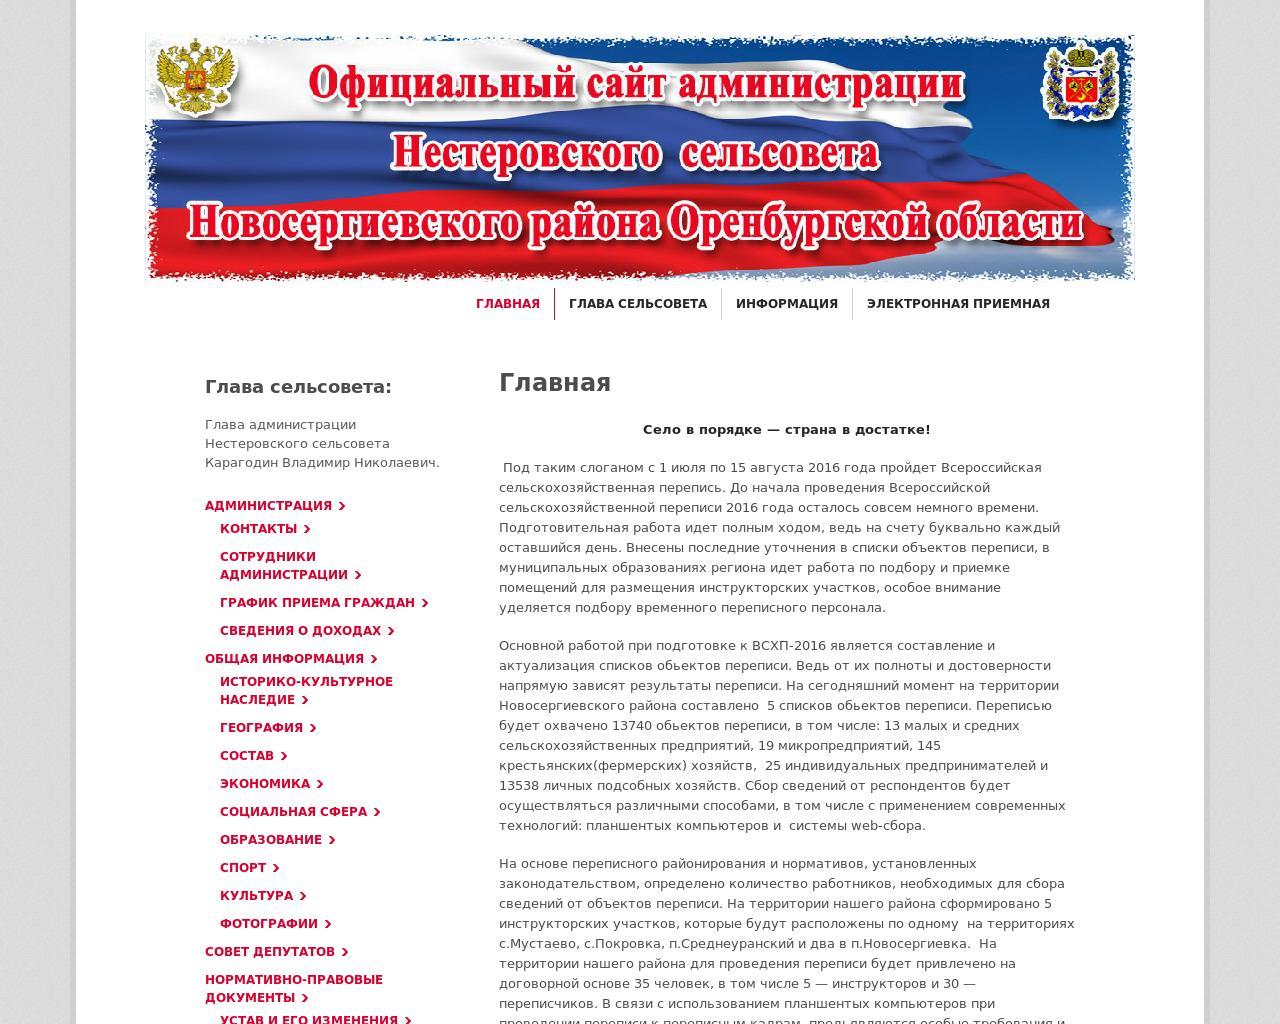 Администрация новосергиевского района оренбургской области официальный сайт